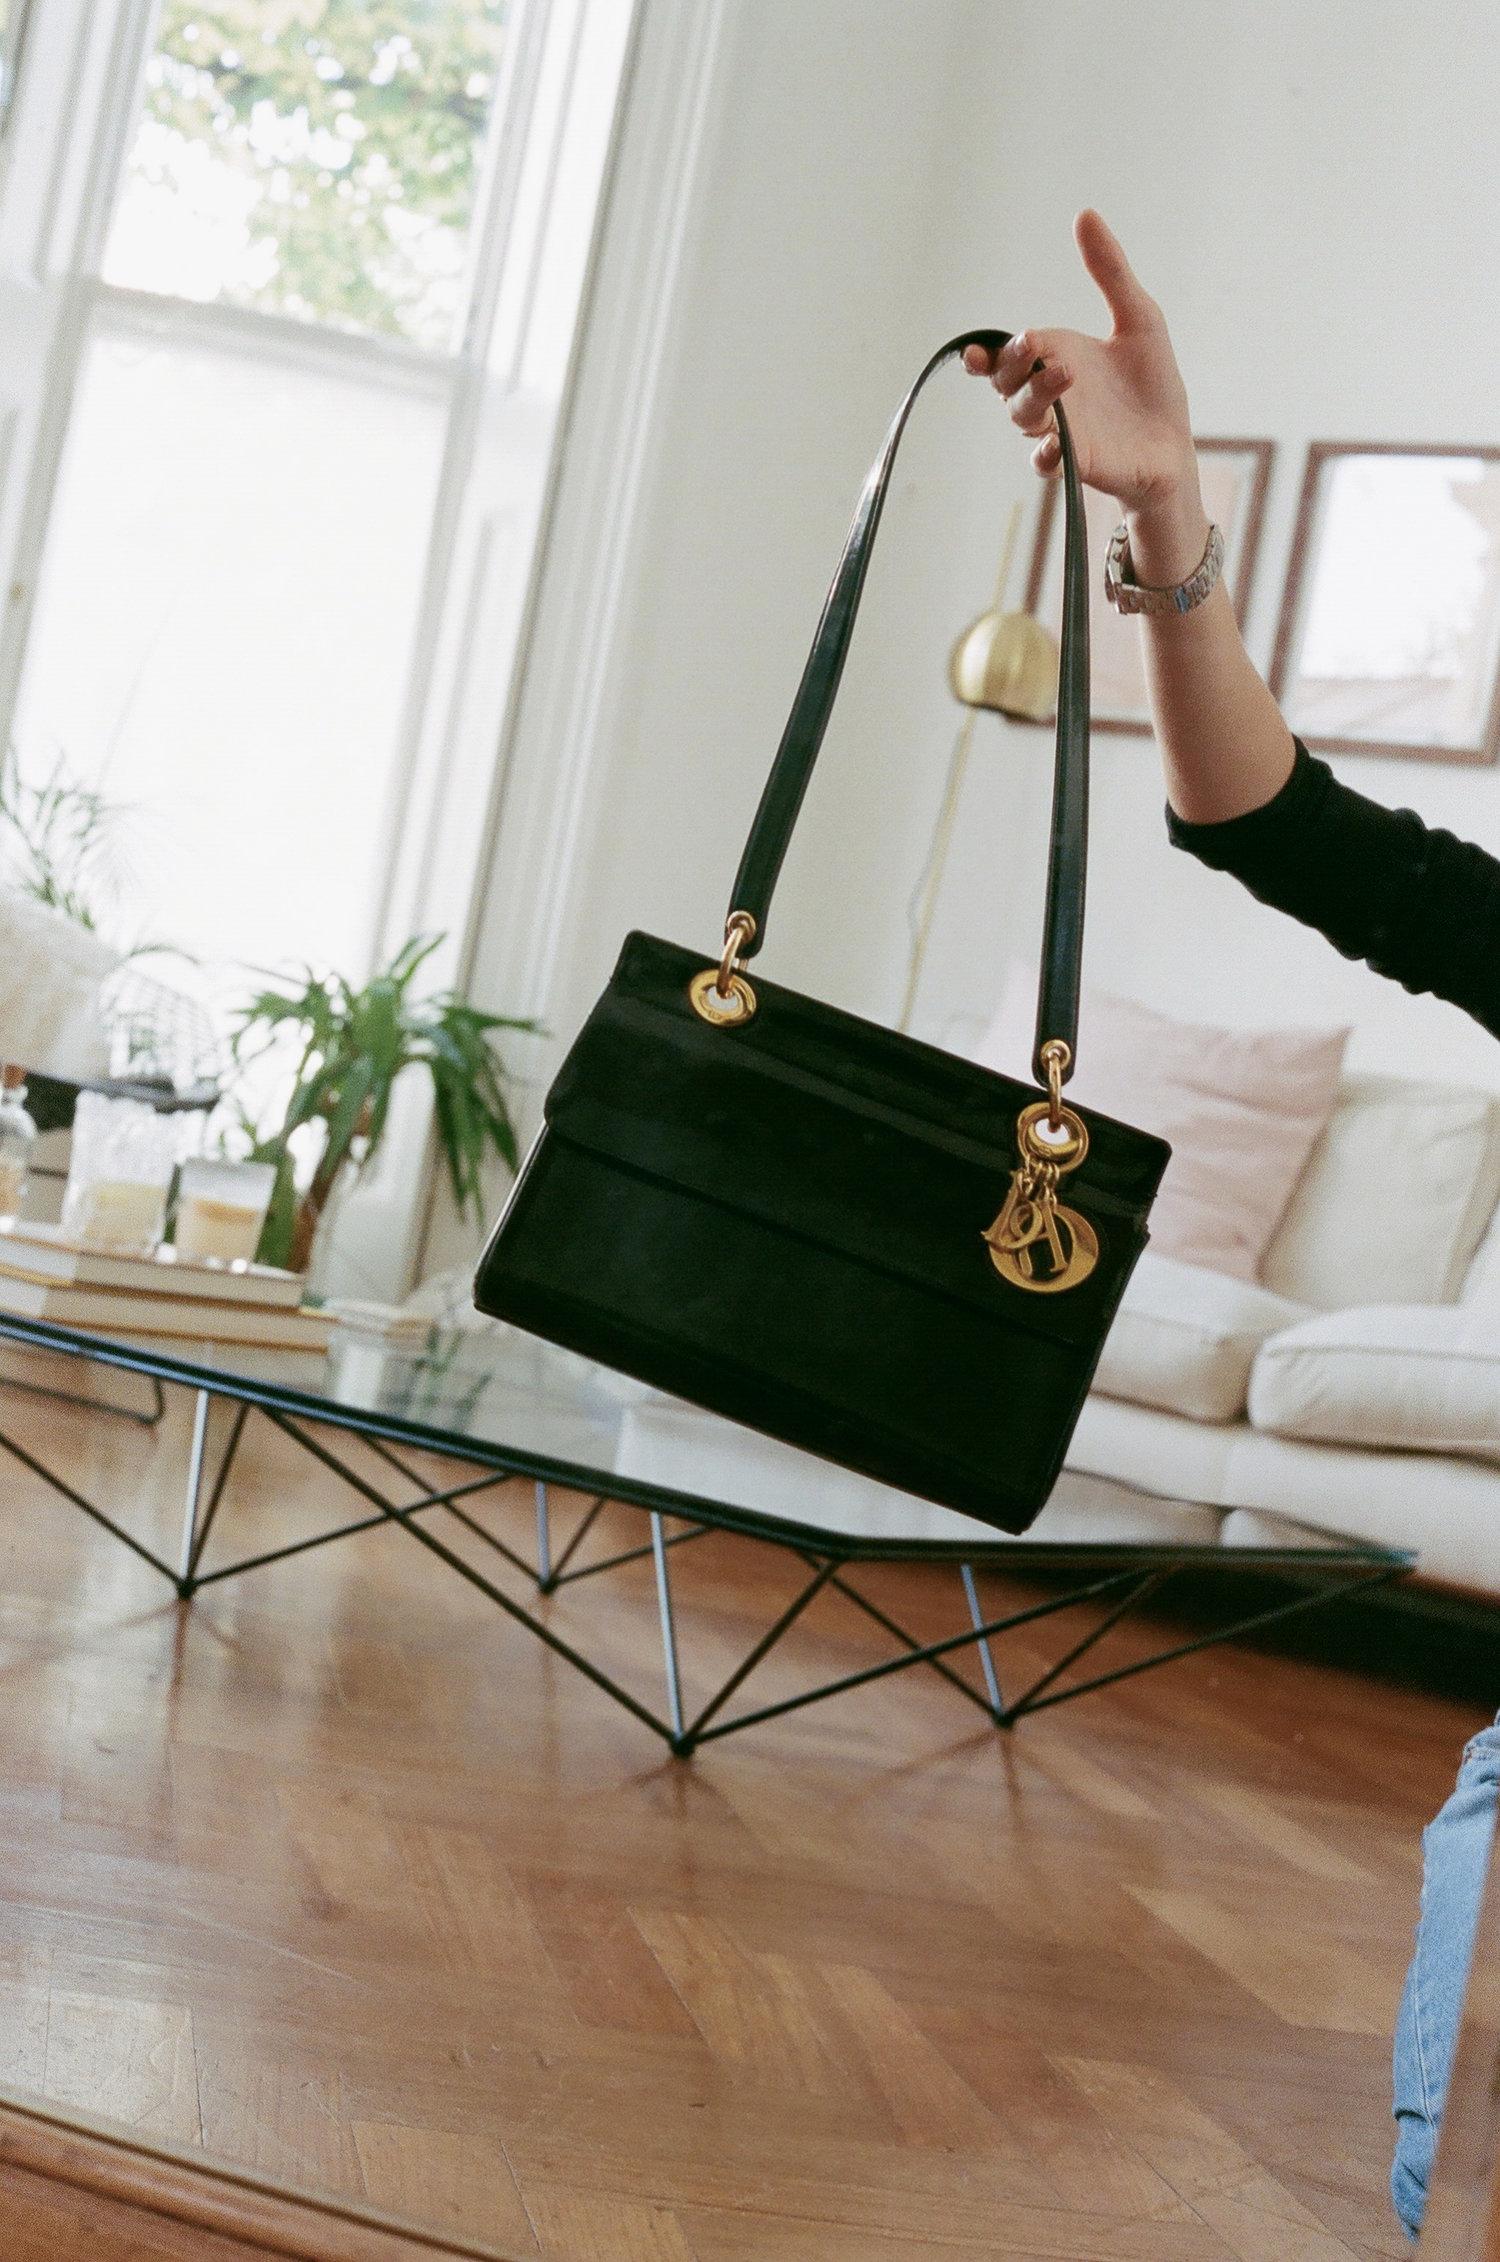 New Handbag Shot From The Street